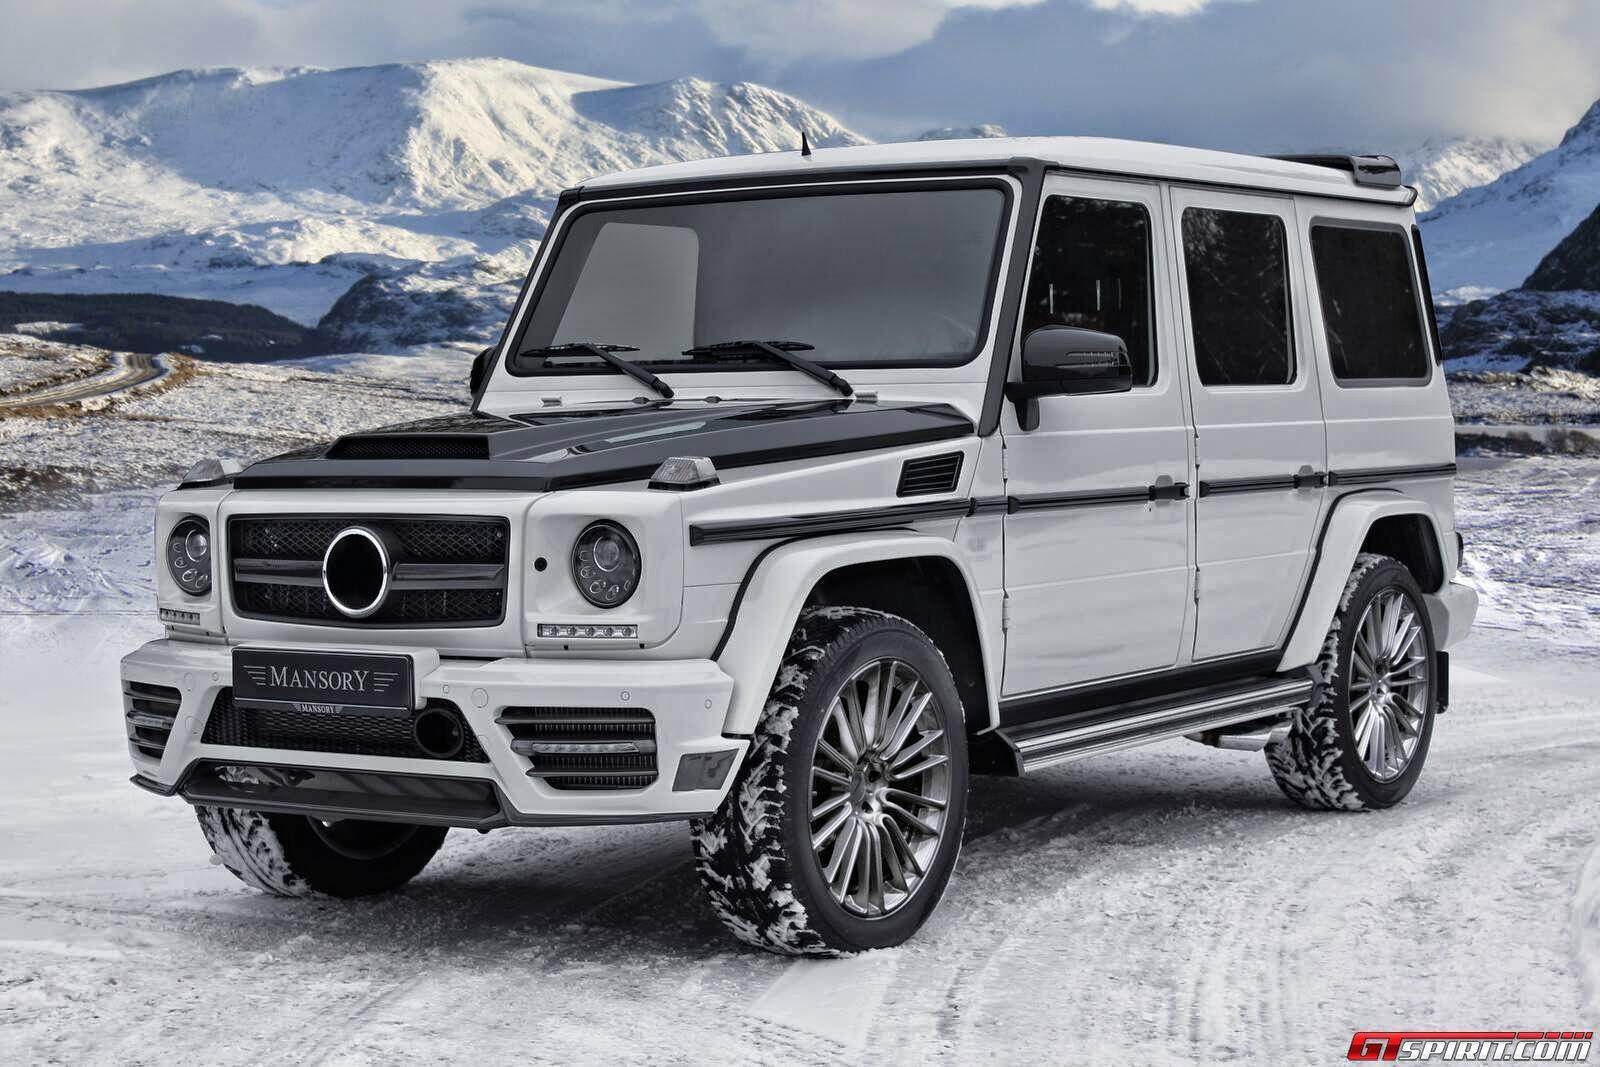 Mercedes benz w463 g class mansory benztuning for 2013 mercedes benz g class